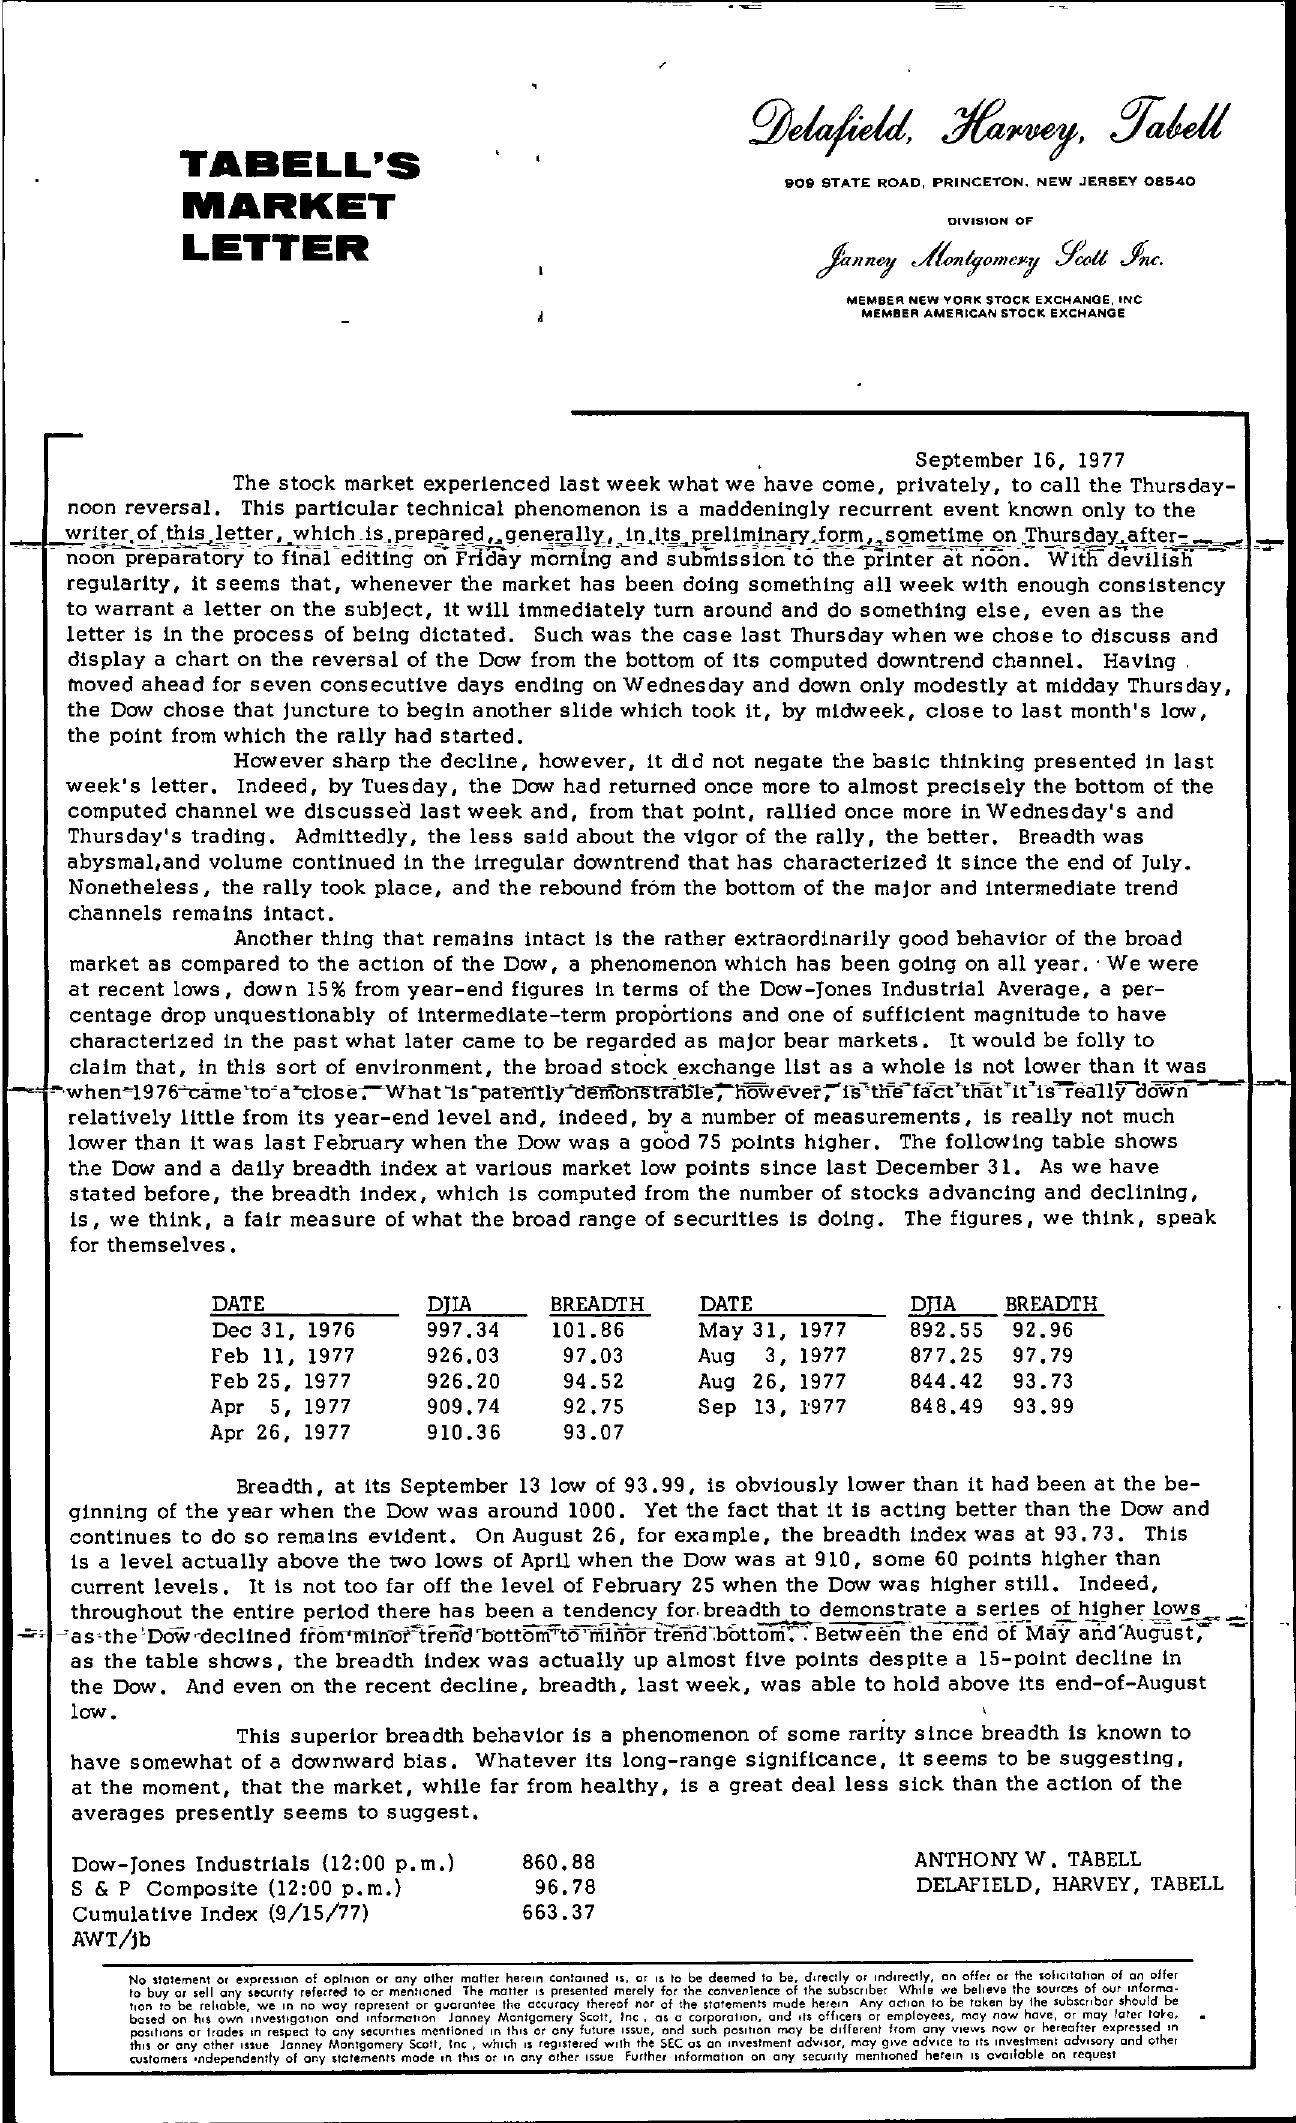 Tabell's Market Letter - September 16, 1977